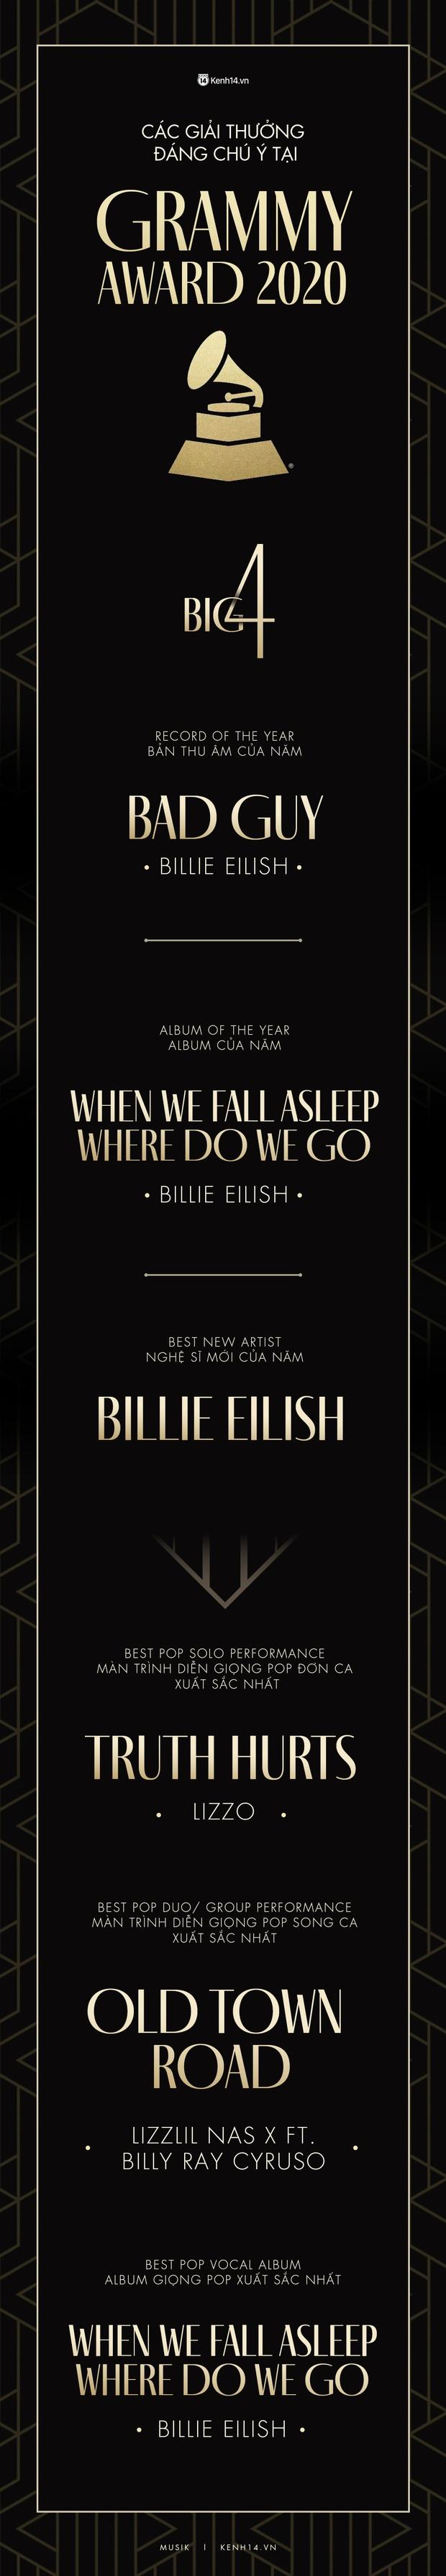 Kết quả Grammy 2020: Billie Eilish viết nên lịch sử, Taylor Swift, Ariana Grande và Lana Del Rey đồng loạt trắng tay đầy cay đắng! - Ảnh 6.